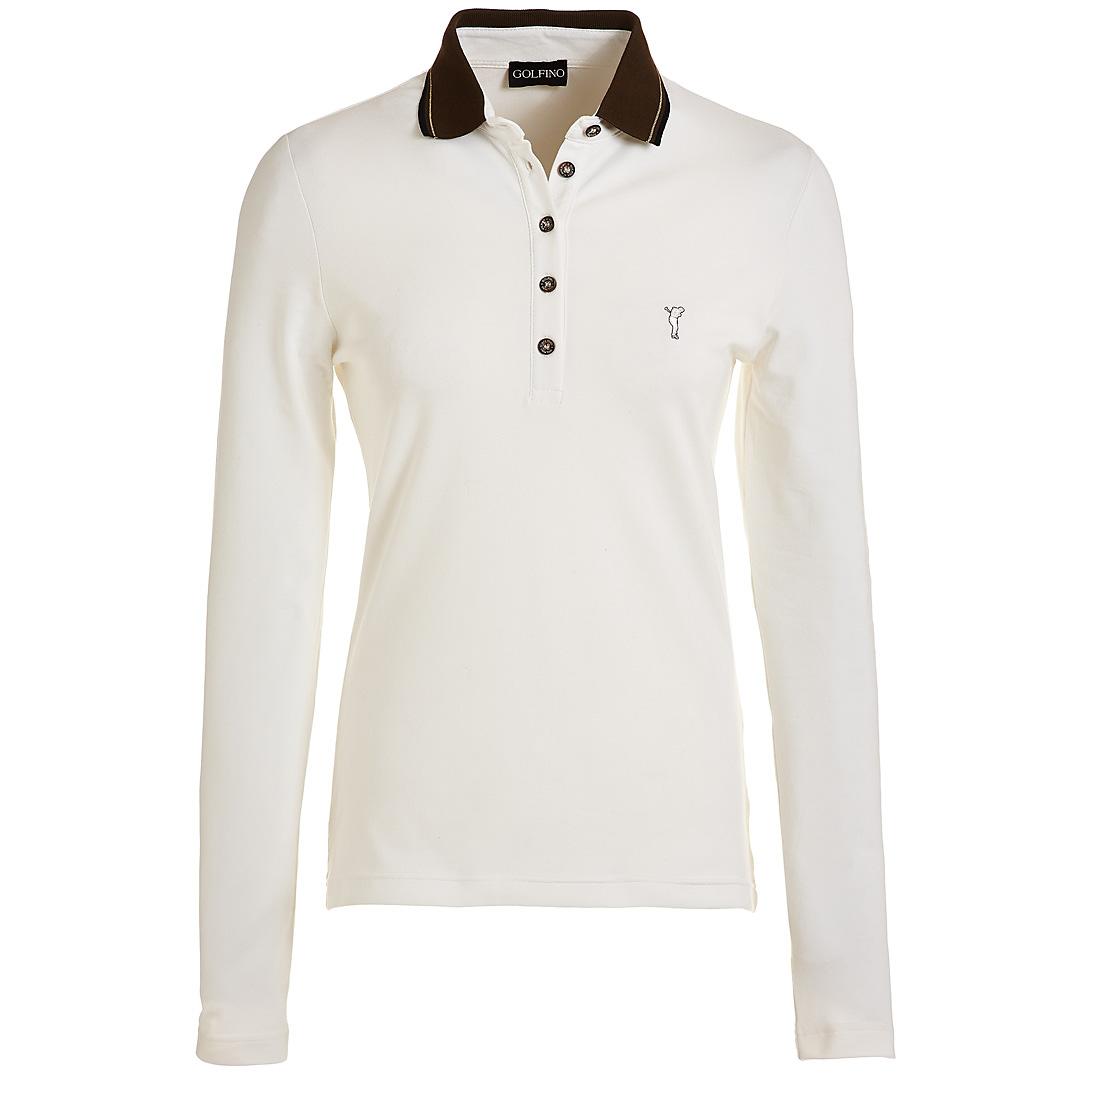 Piqué Poloshirt mit Sonnenschutz